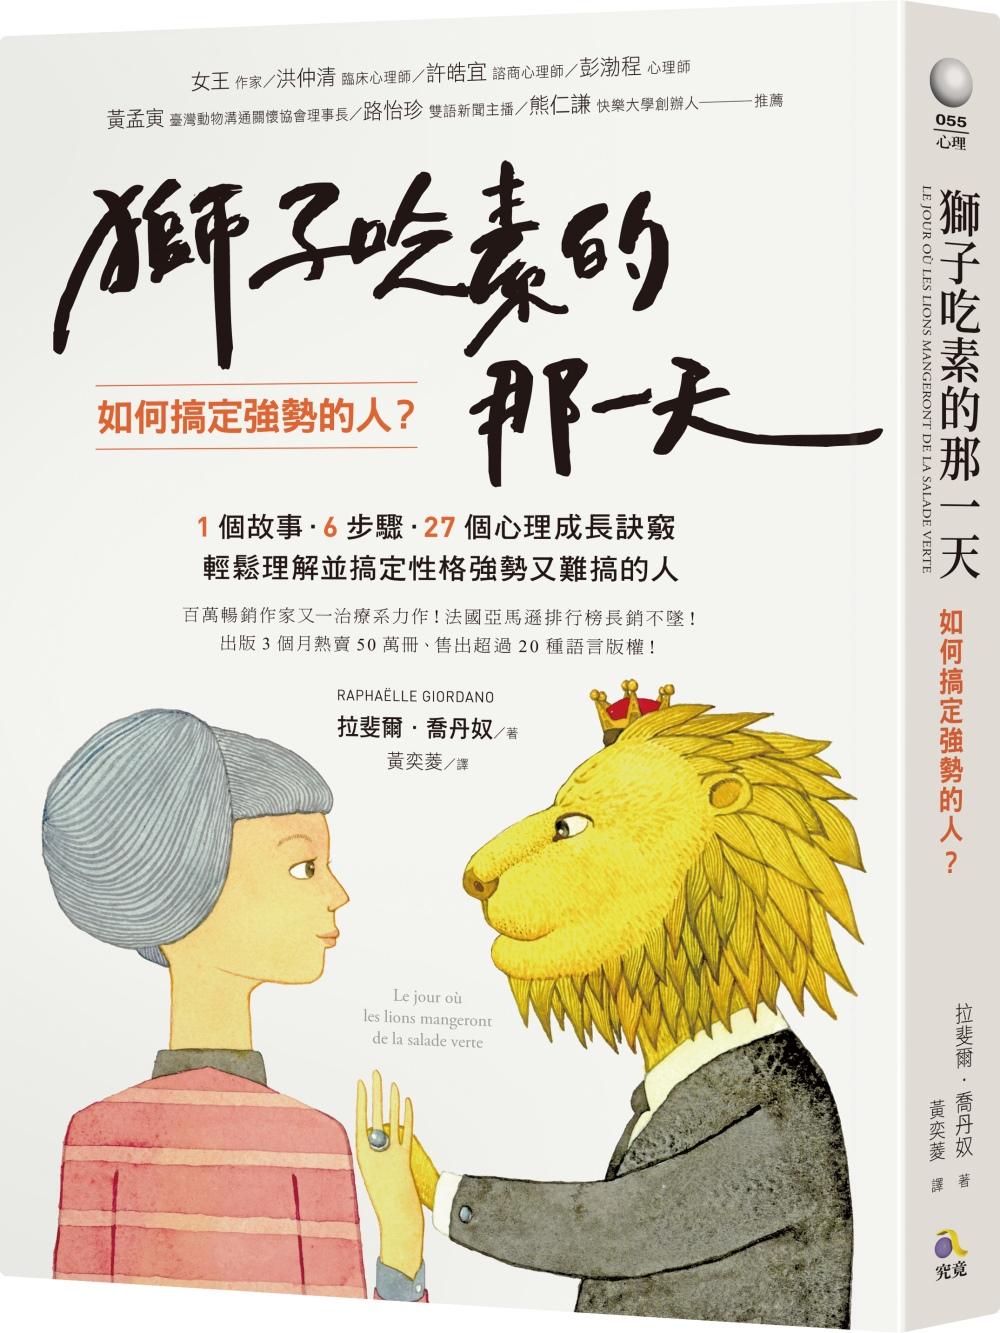 獅子吃素的那一天:如何搞定強勢的人?